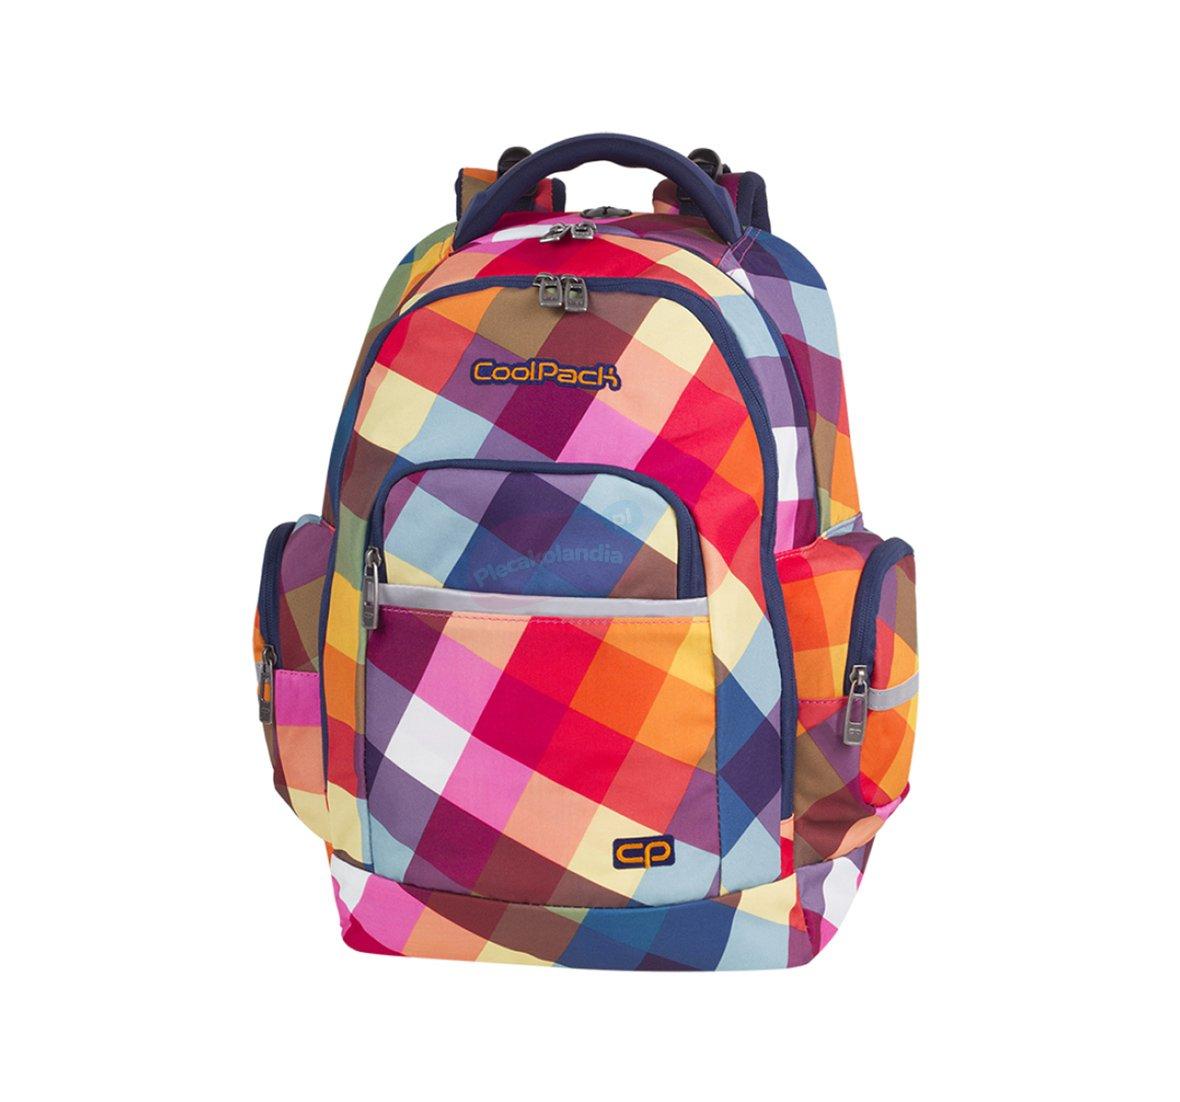 d6228db5aad20 Wybraliśmy dla Ciebie wyjątkowy produkt - Plecak szkolny Coolpack Brick 28L  Candy Check. Najchętniej nosi go młodzież, jest wygodny i modny.